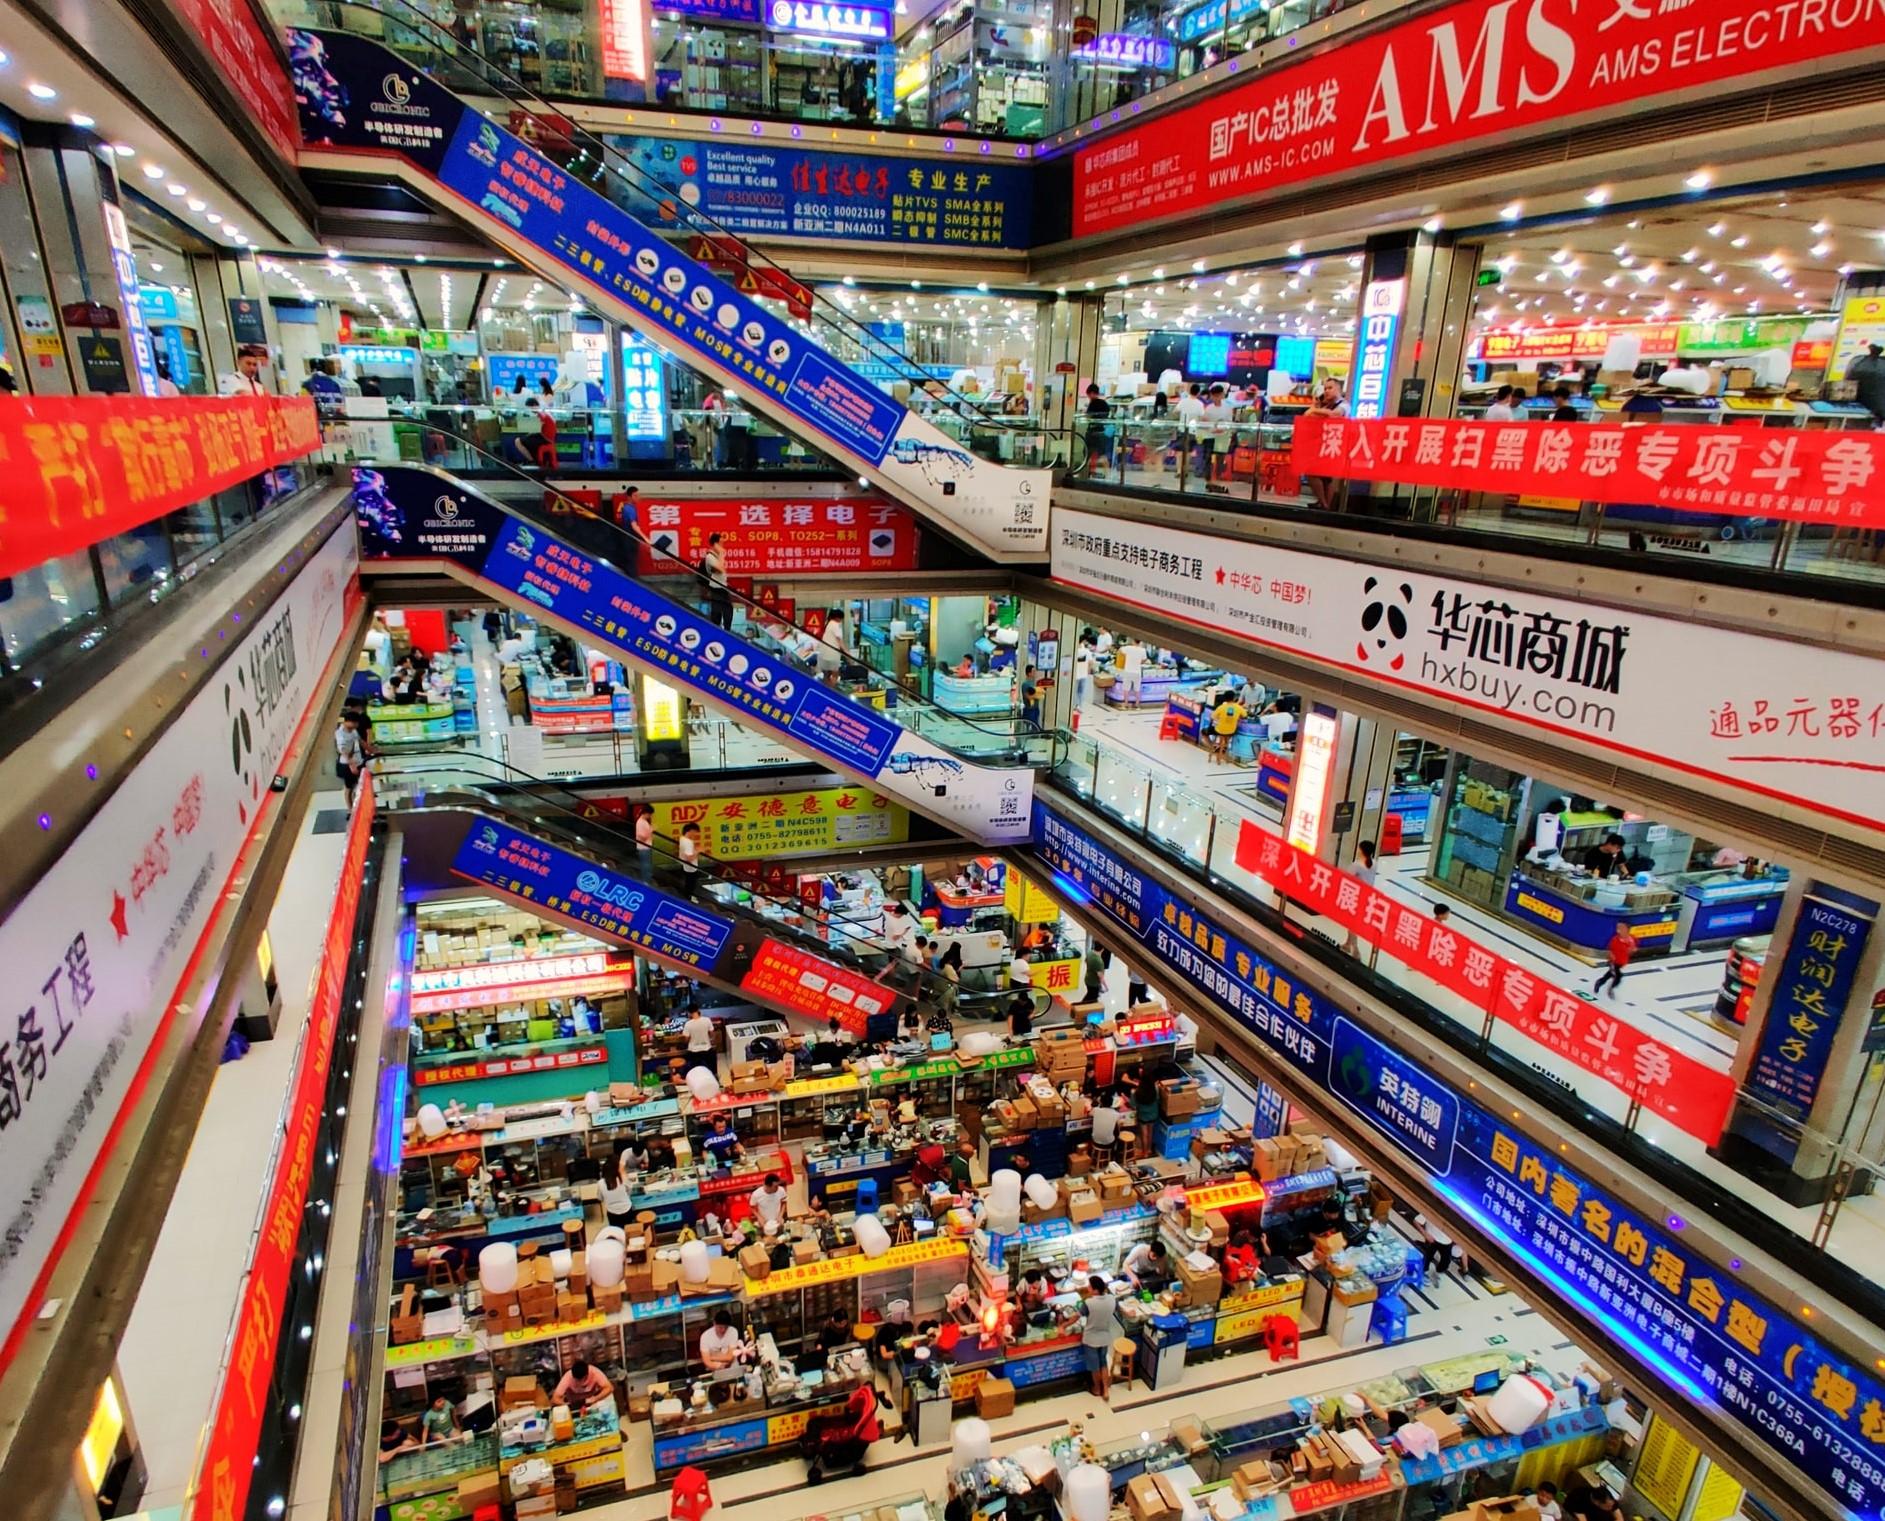 qué ver en Shenzhen Mercado Hua Qiang Bei